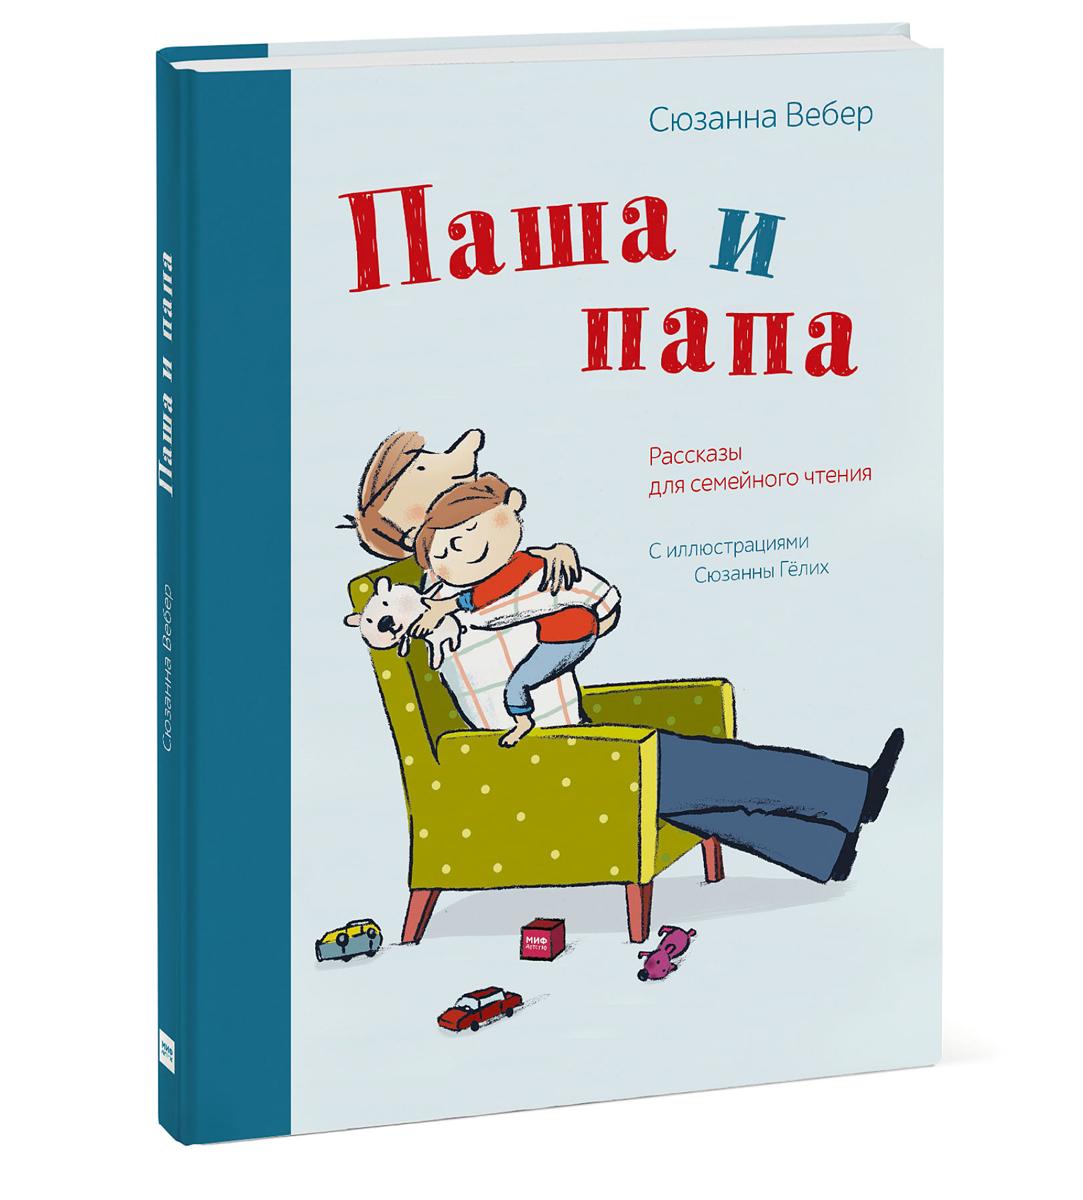 9785001170303 - Сюзанна Вебер: Паша и папа. Рассказы для семейного чтения - Книга